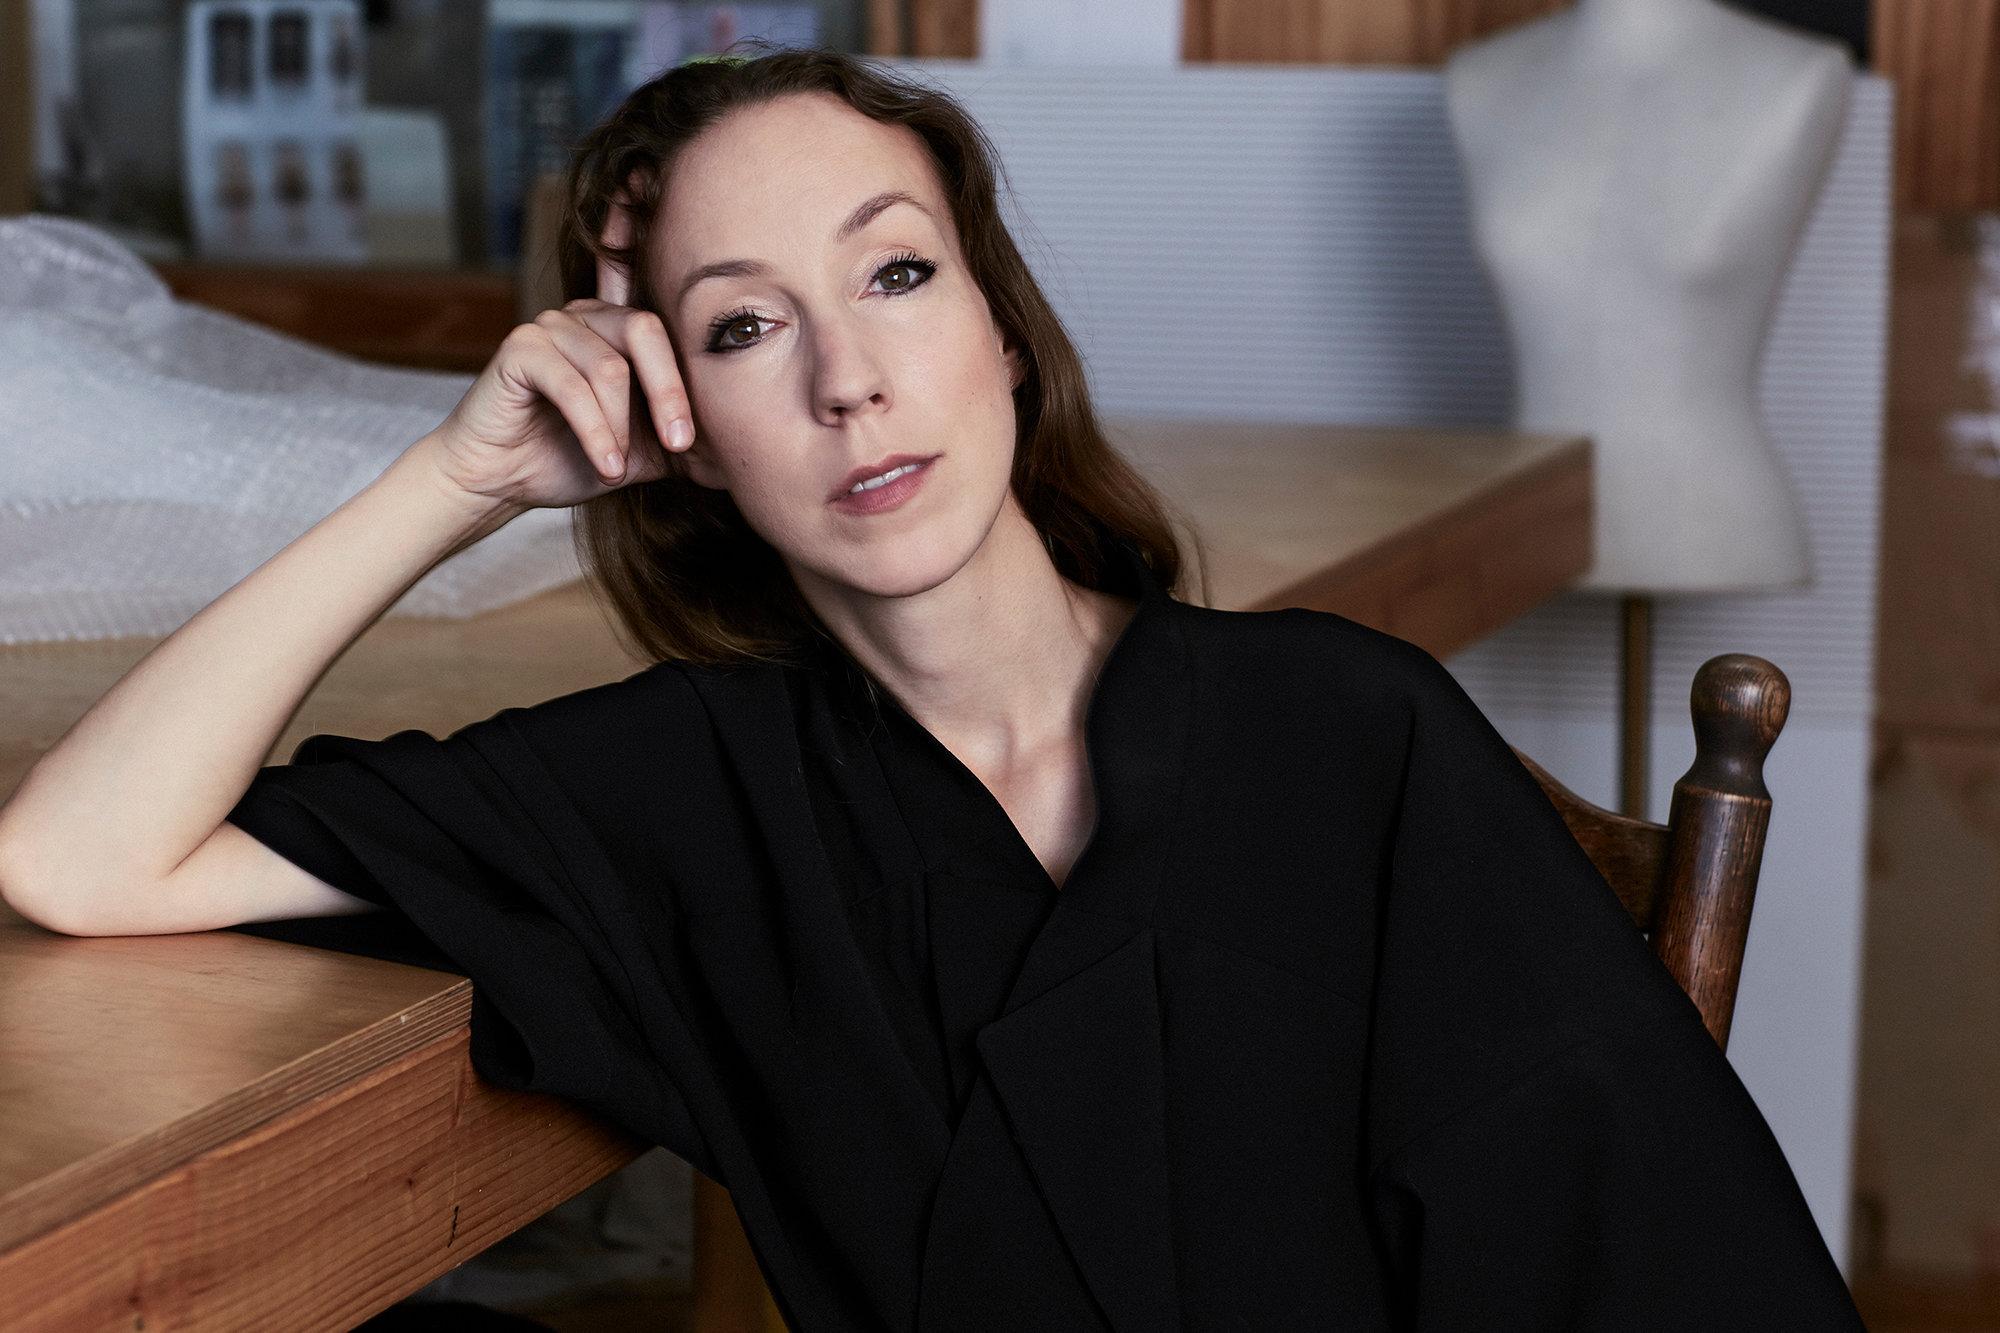 Iris van Herpen for Harpers Bazaar NL